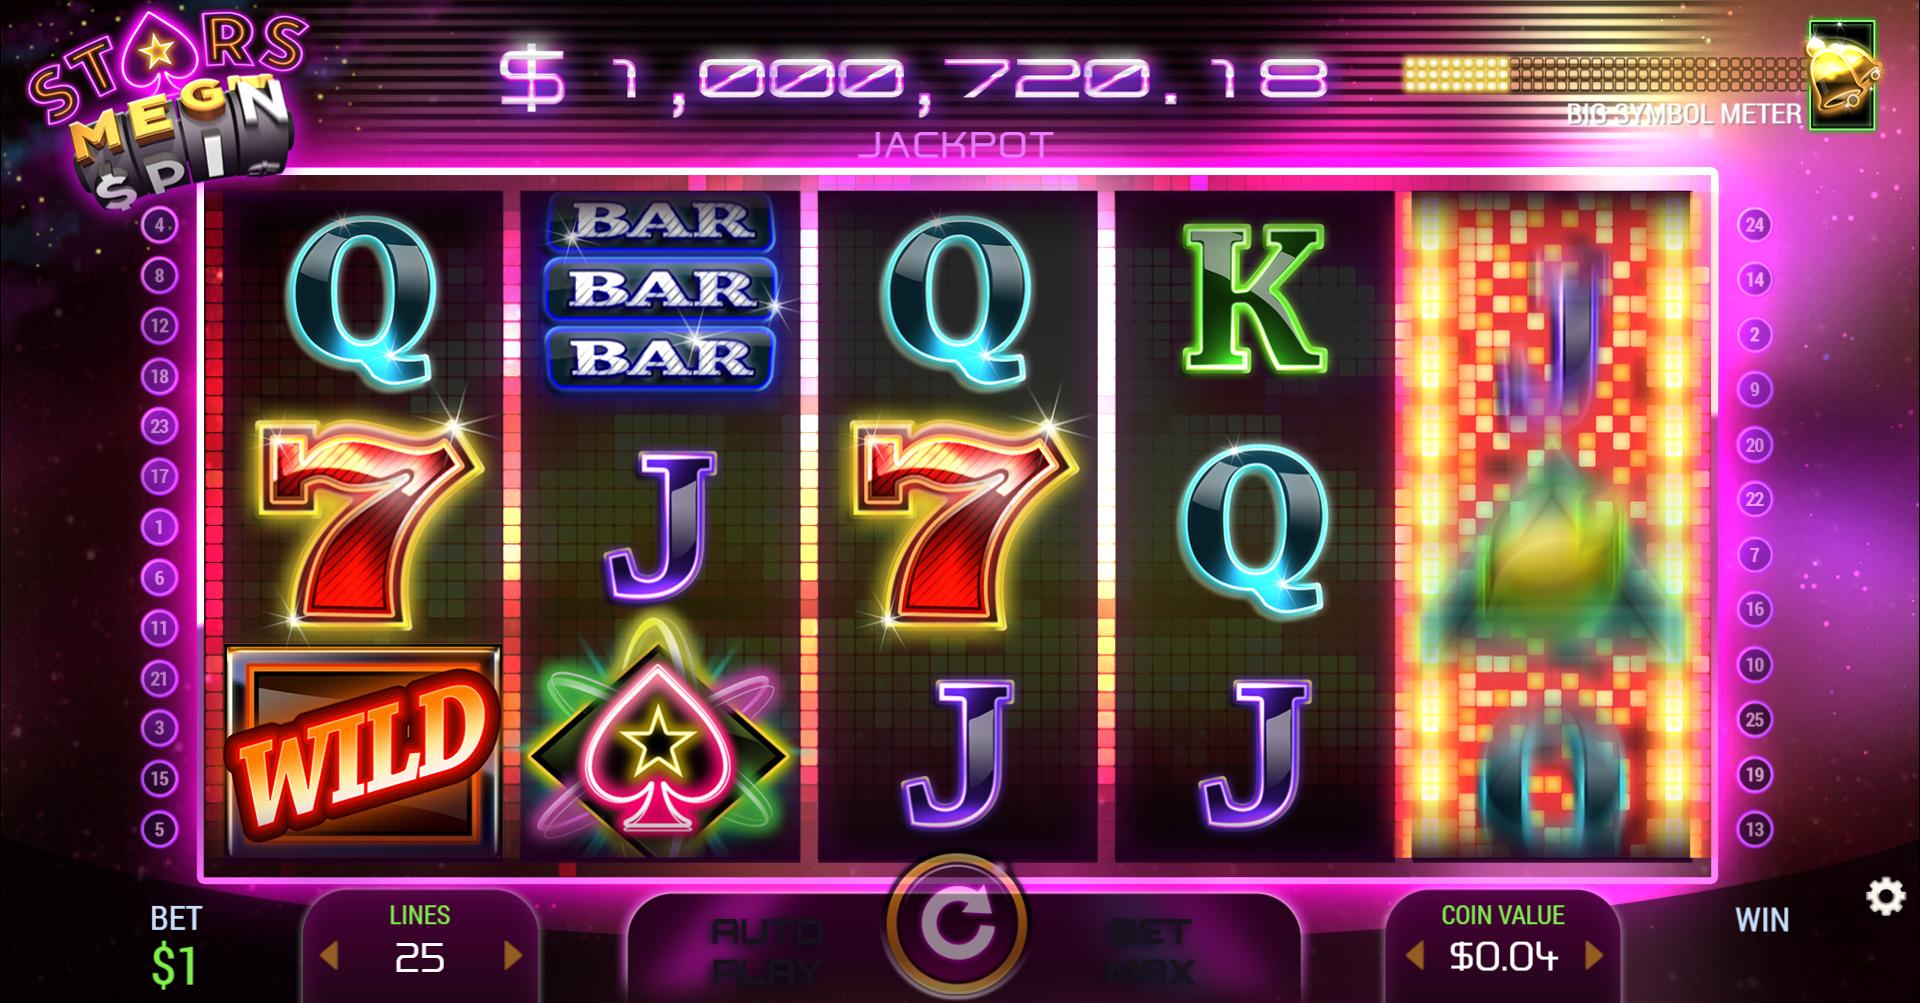 Poker stars Casino - 66880